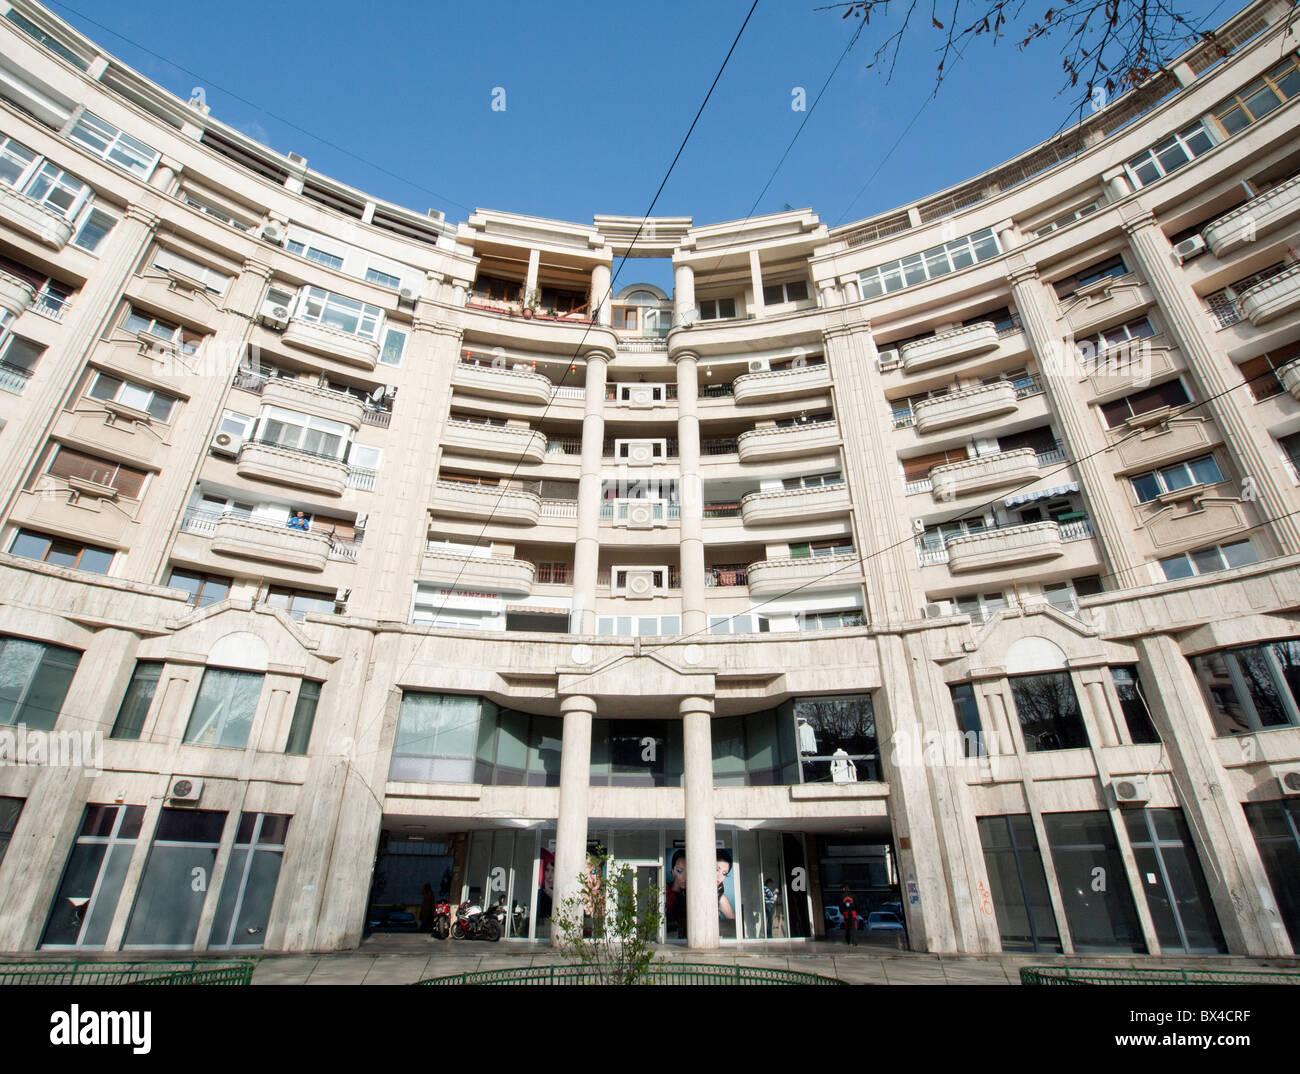 Kommunistischen Ära Wohngebäude auf Boulevard Unirii in Bukarest Rumänien Stockbild